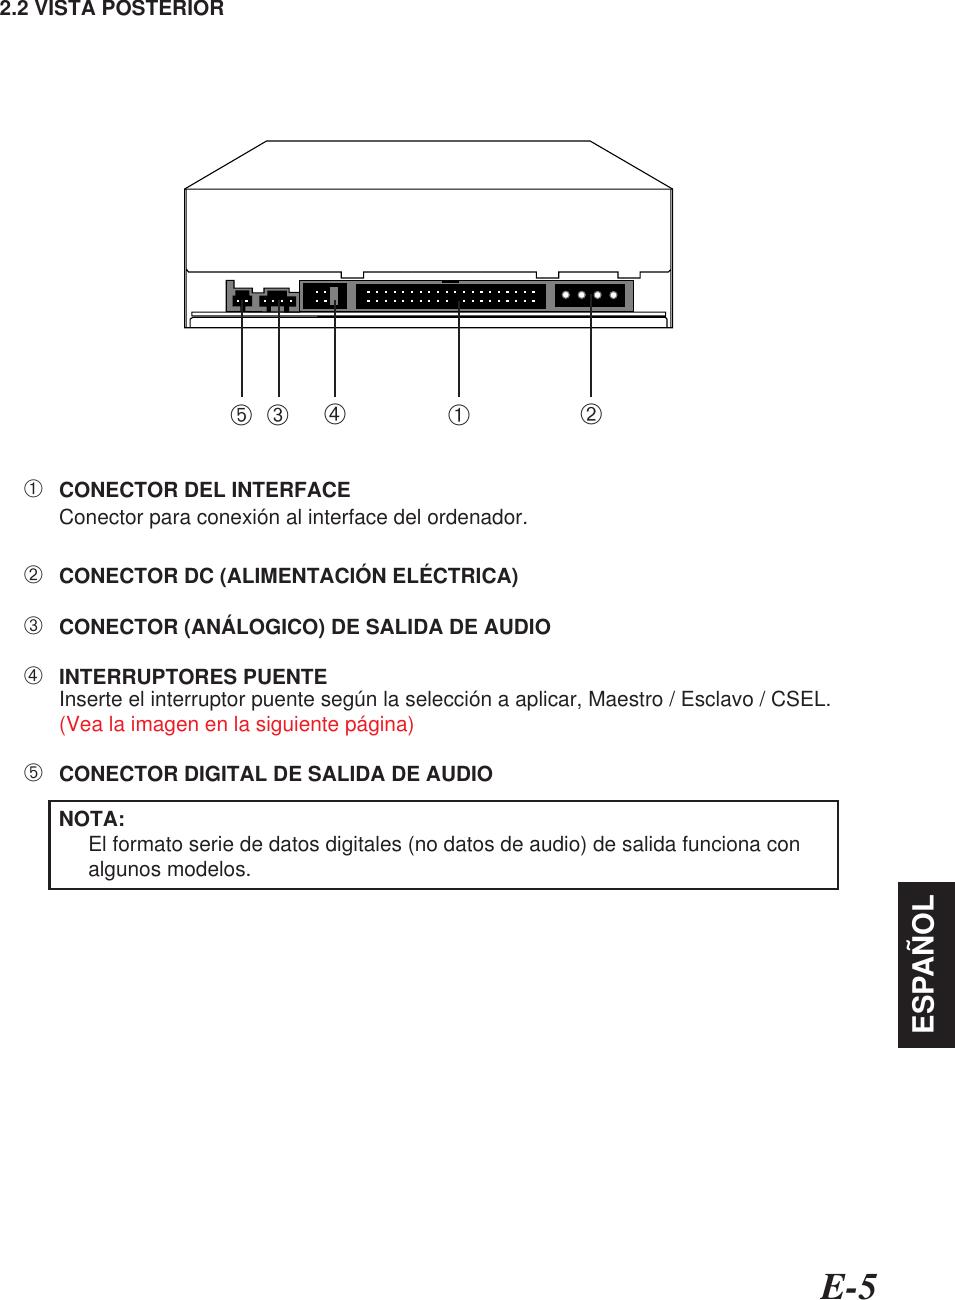 E-5ESPAÑOL2.2 VISTA POSTERIOR    ➀CONECTOR DEL INTERFACEConector para conexión al interface del ordenador.    ➁CONECTOR DC (ALIMENTACIÓN ELÉCTRICA)    ➂CONECTOR (ANÁLOGICO) DE SALIDA DE AUDIO    ➃INTERRUPTORES PUENTEInserte el interruptor puente según la selección a aplicar, Maestro / Esclavo / CSEL.(Vea la imagen en la siguiente página)    ➄CONECTOR DIGITAL DE SALIDA DE AUDIO     NOTA:El formato serie de datos digitales (no datos de audio) de salida funciona conalgunos modelos.➀➁➂➃➄